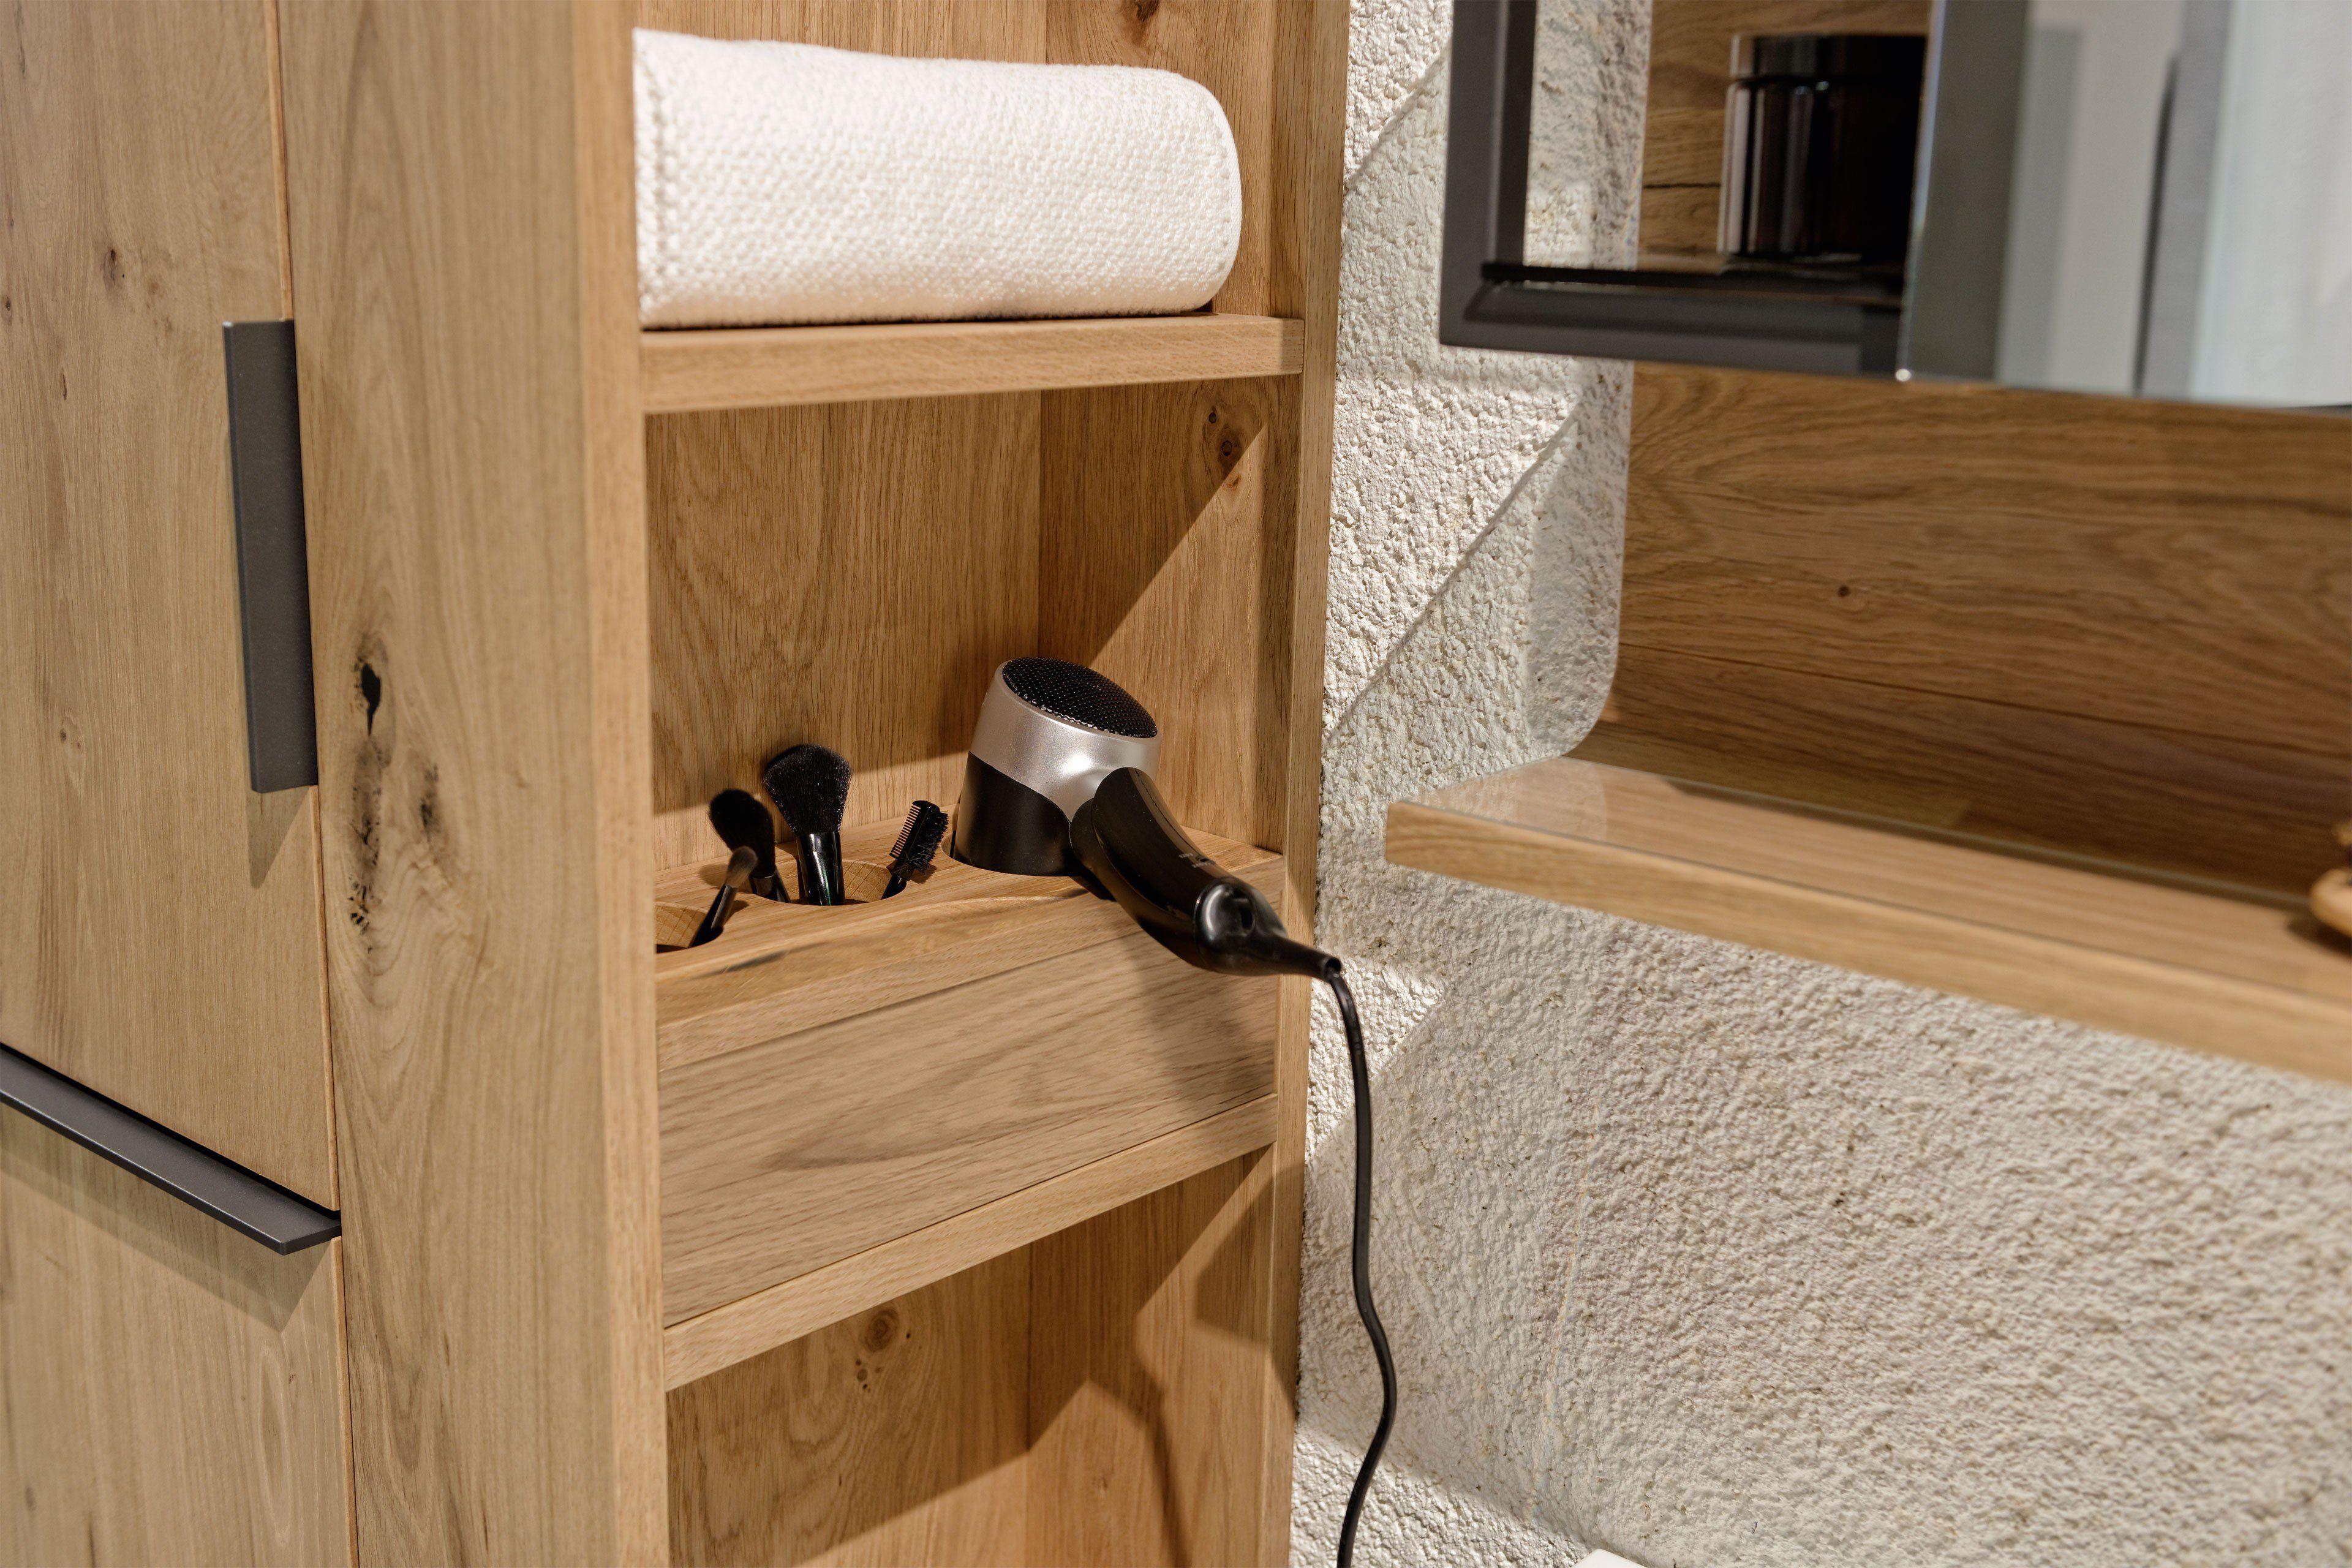 Badezimmer VQuell von Voglauer in Aleiche rustiko Möbel